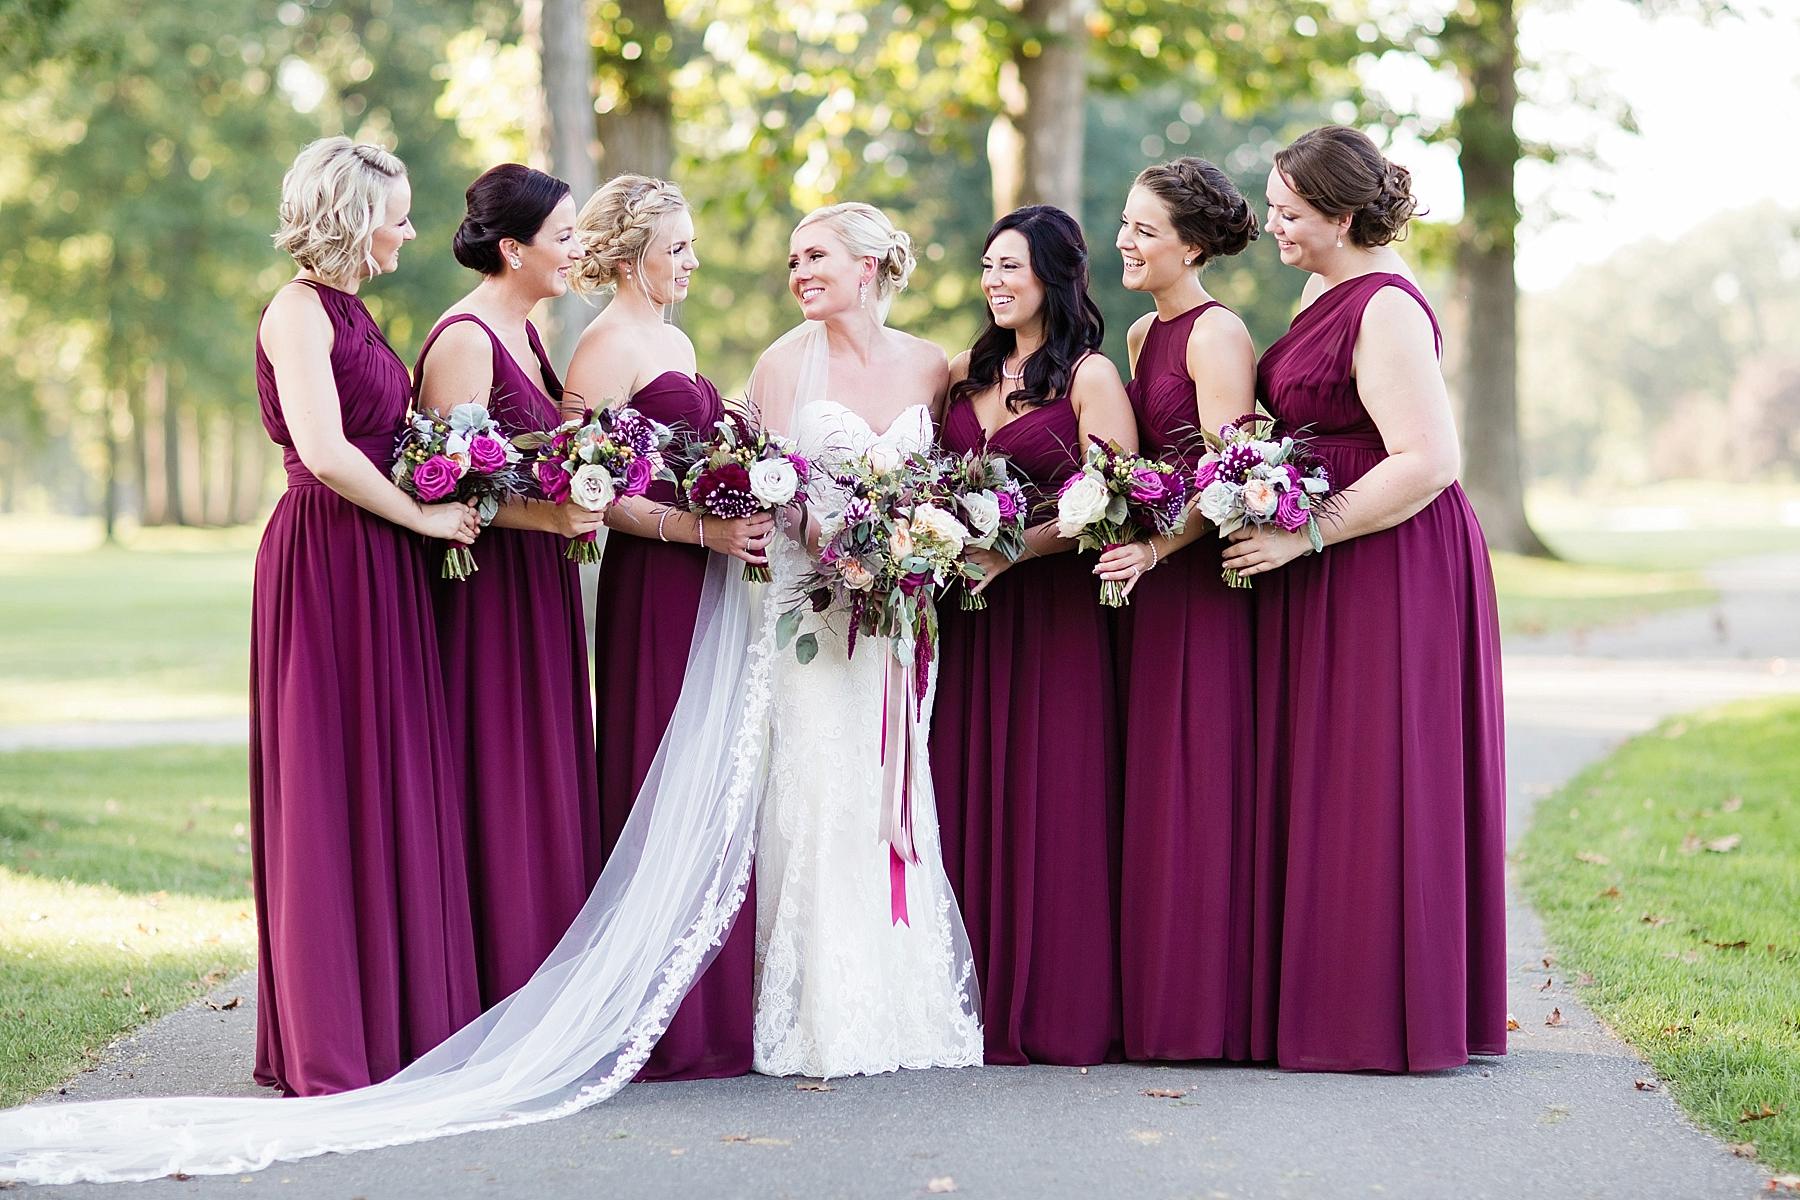 windsor-wedding-photographer-essex-golf-country-club-wedding-eryn-shea-photography_0040.jpg